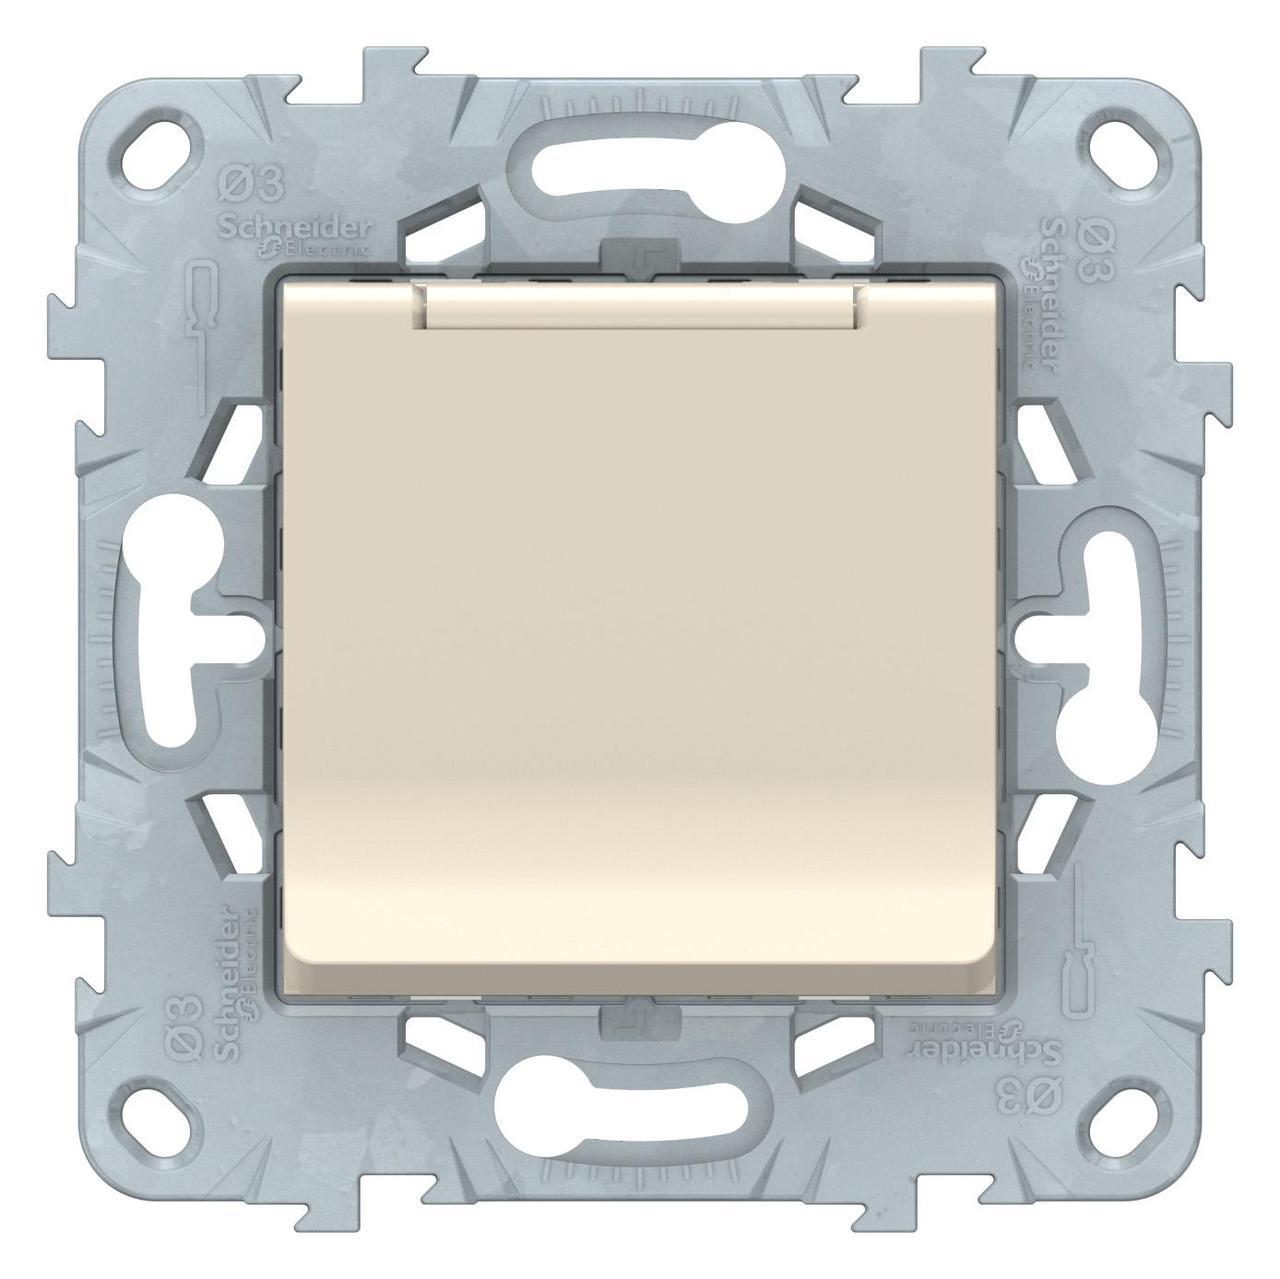 Розетка 1-ая электрическая , с заземлением и крышкой, защитными шторками , Бежевый, серия Unica New, Schneider Electric